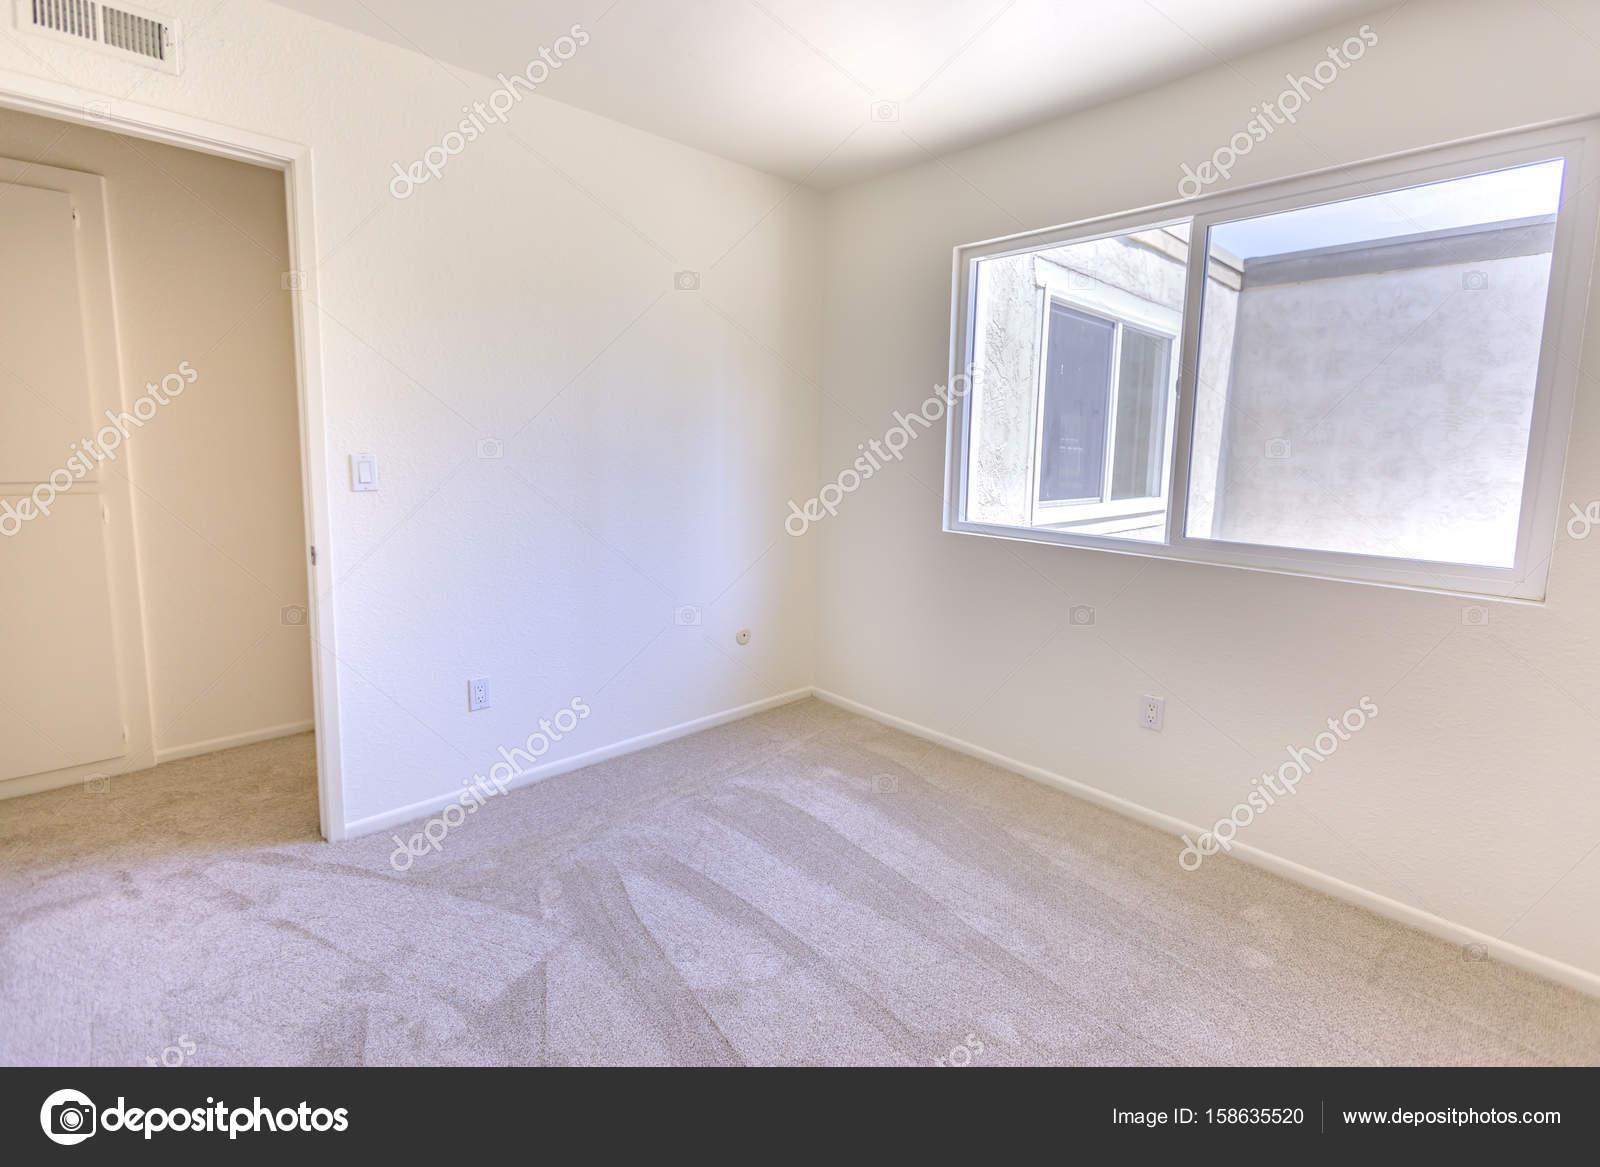 Empty Bedroom With Carpet And Window Stock Photo C Dropthepress